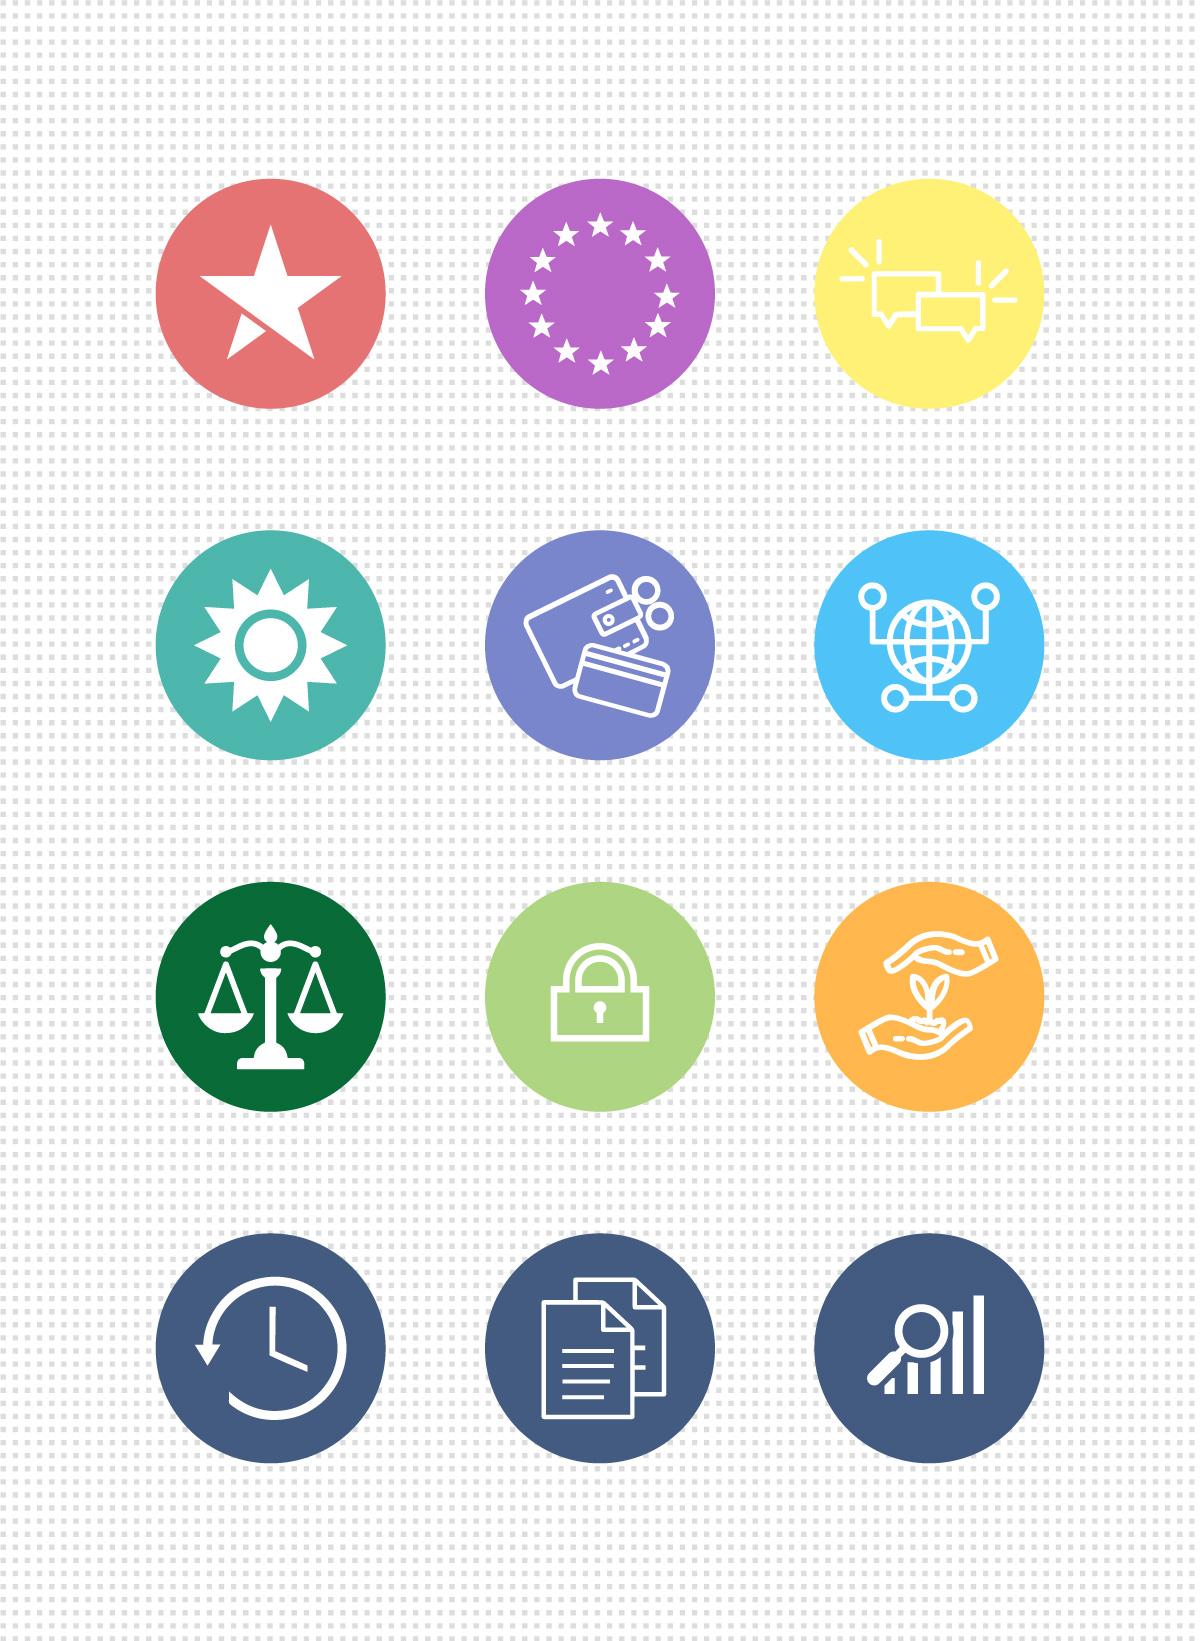 IIEA_Icons